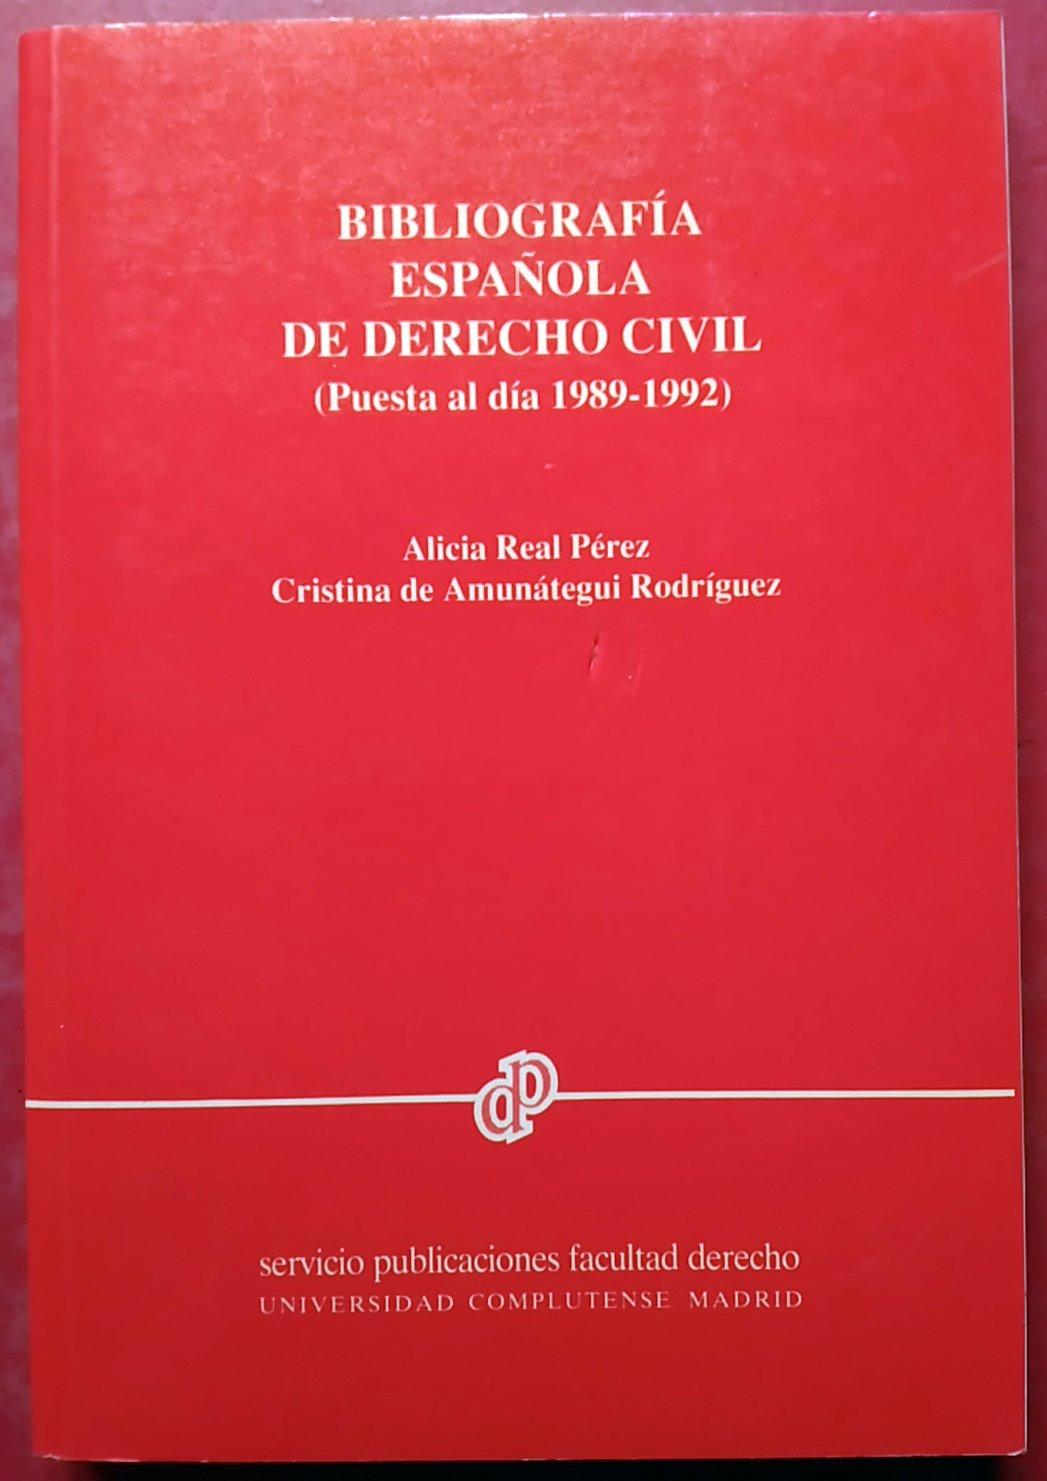 Bibliografía española de derecho civil: Amazon.es: Libros